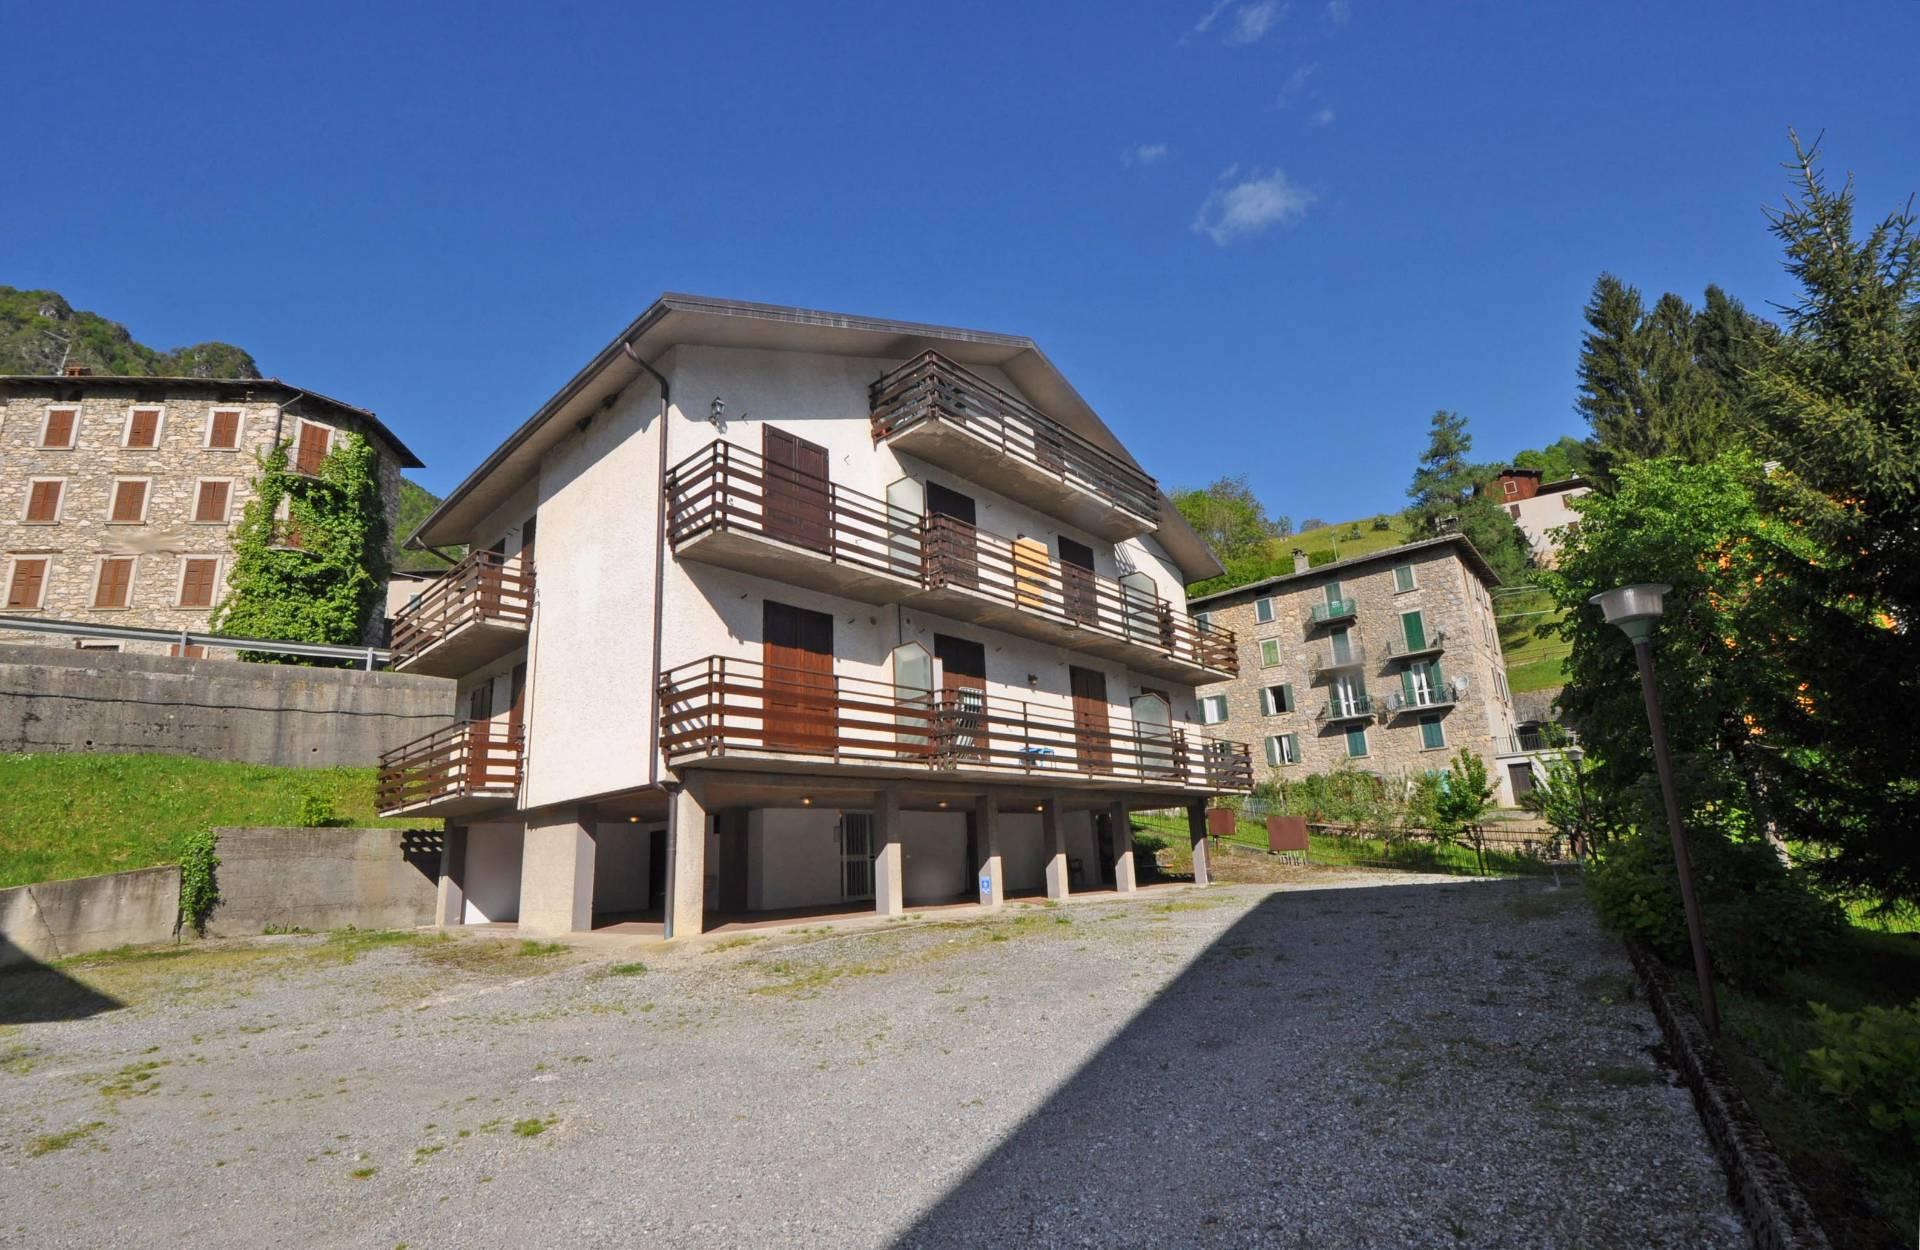 Appartamento in vendita a Santa Brigida, 3 locali, prezzo € 58.000 | CambioCasa.it